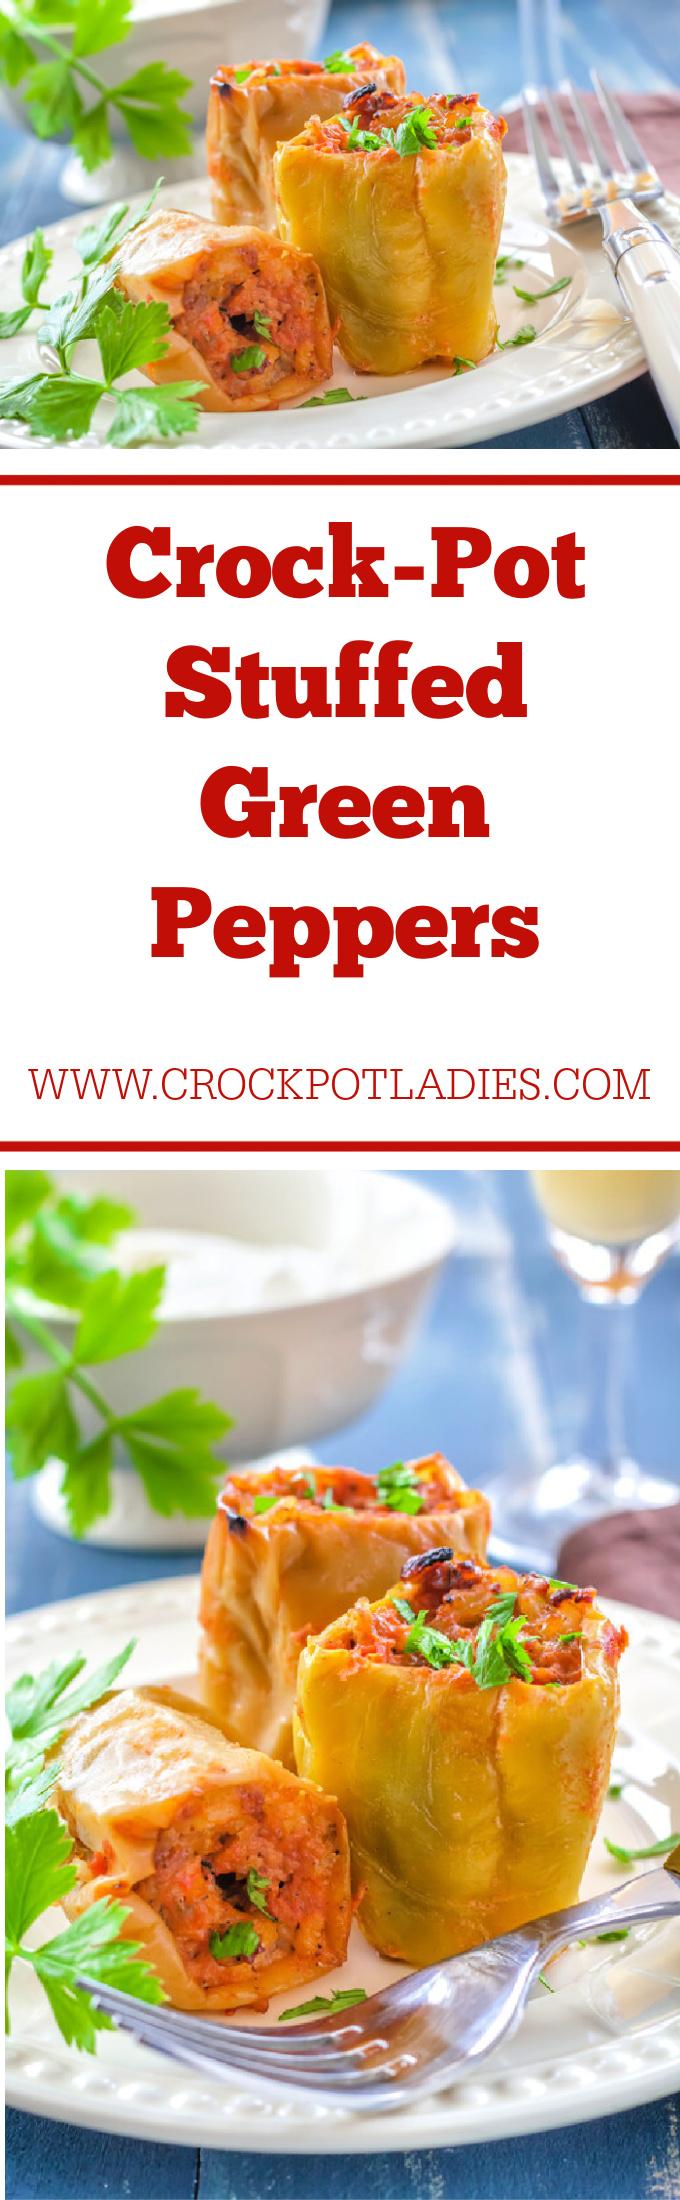 Crock-Pot Stuffed Green Peppers